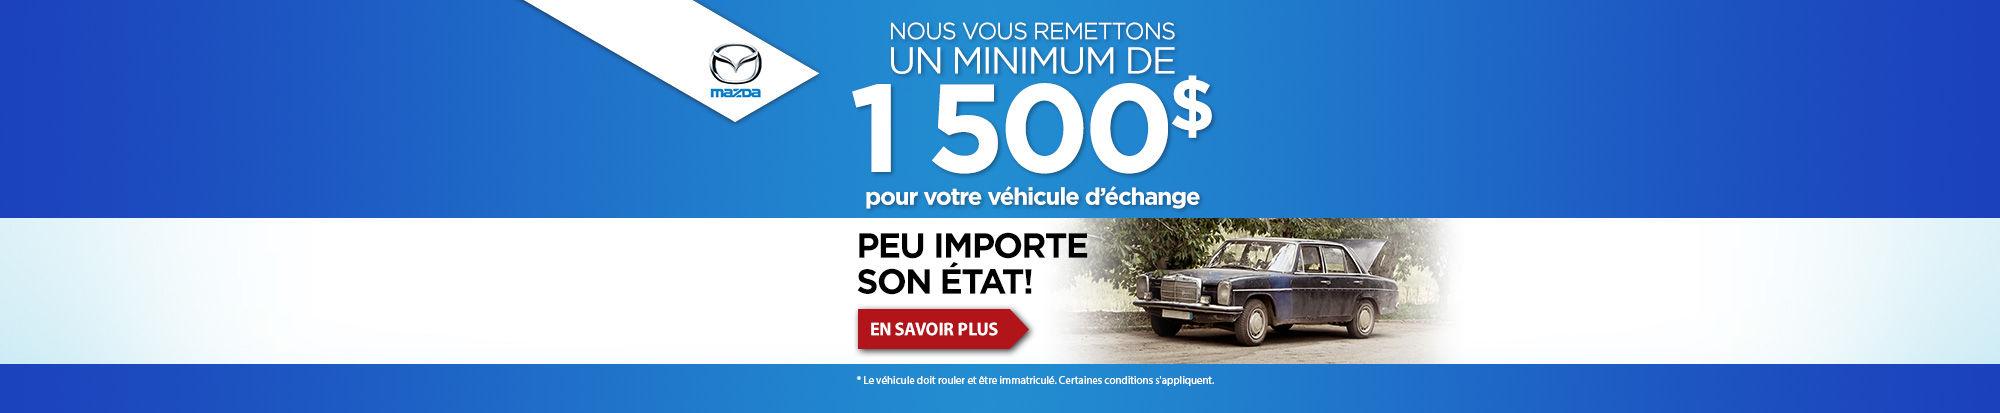 1500$ pour votre véhicule d'échange header